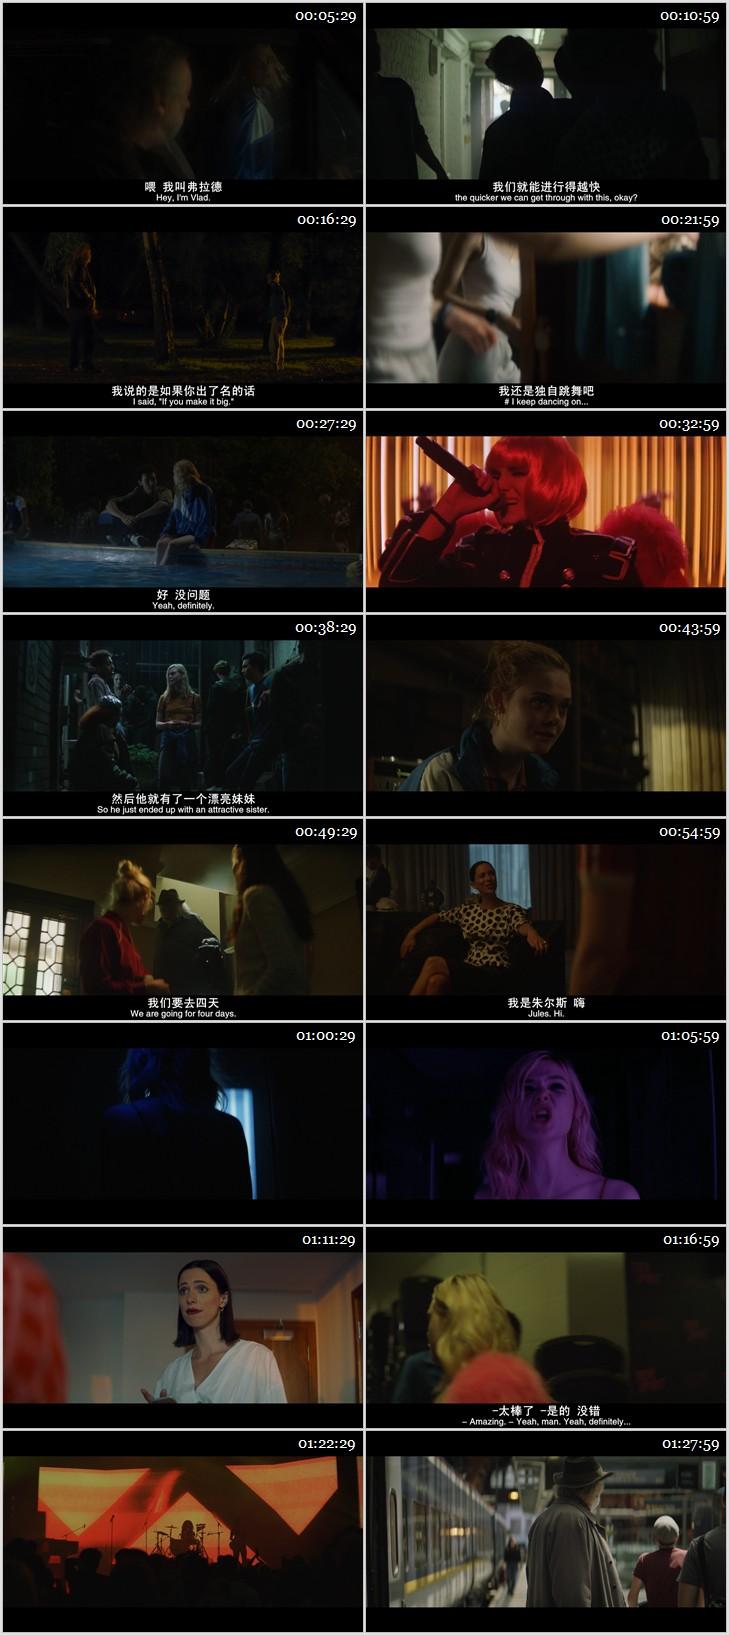 2019年剧情音乐《少年追梦情》BD中英双字幕